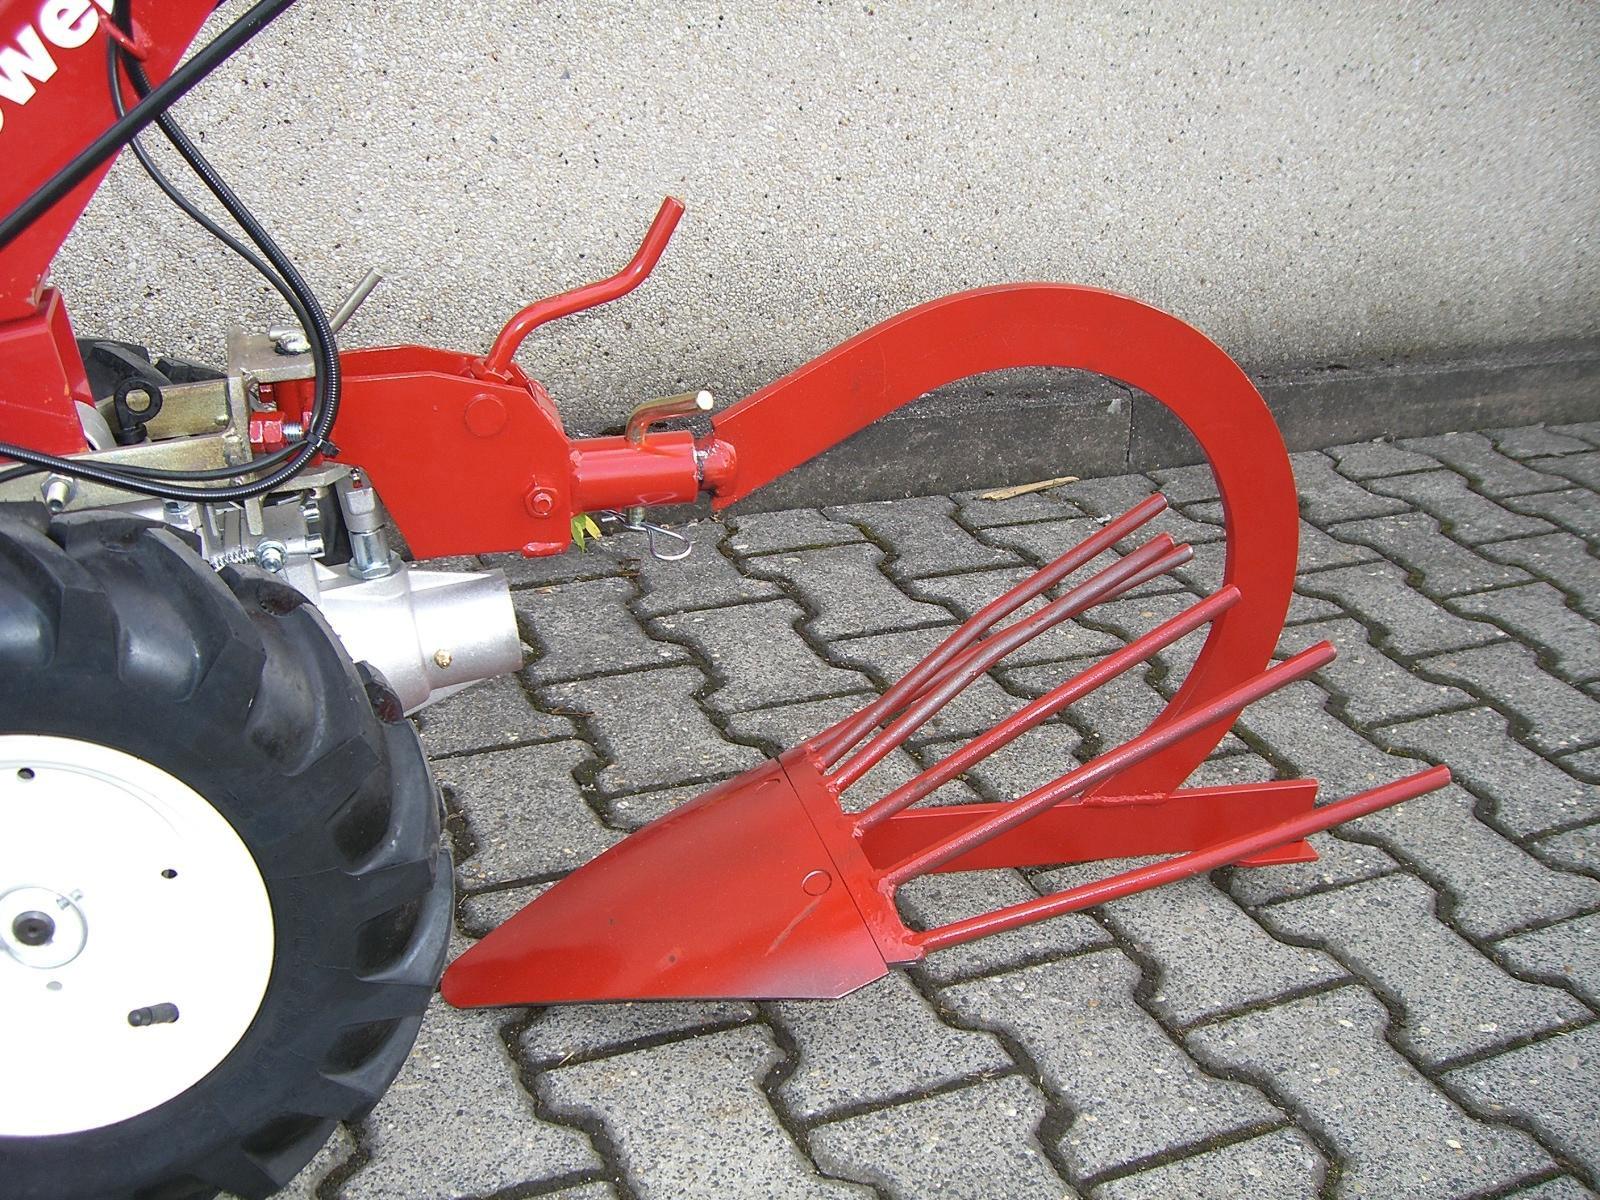 Powerpac Kartoffelrodepflug für Einachser KAM5 28cm Bild 2